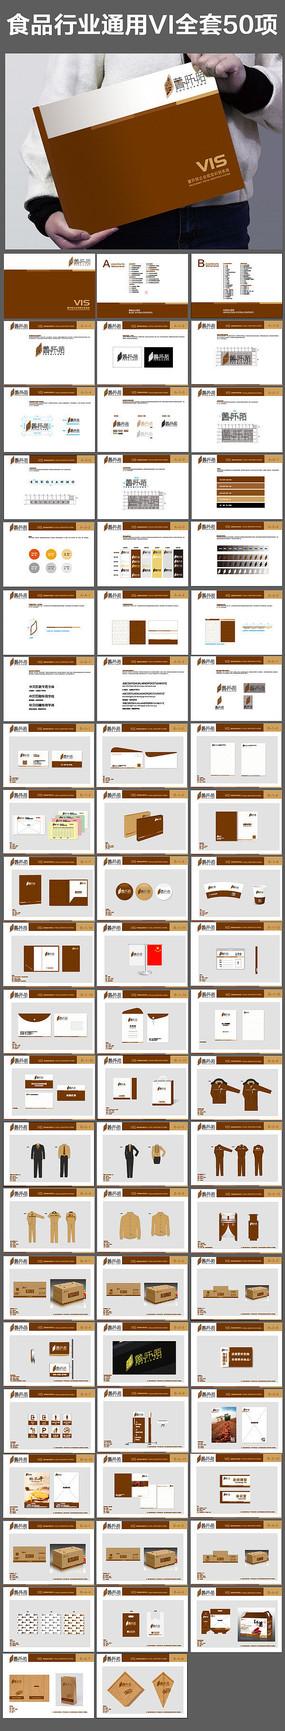 食品行業全套vi手冊設計模板